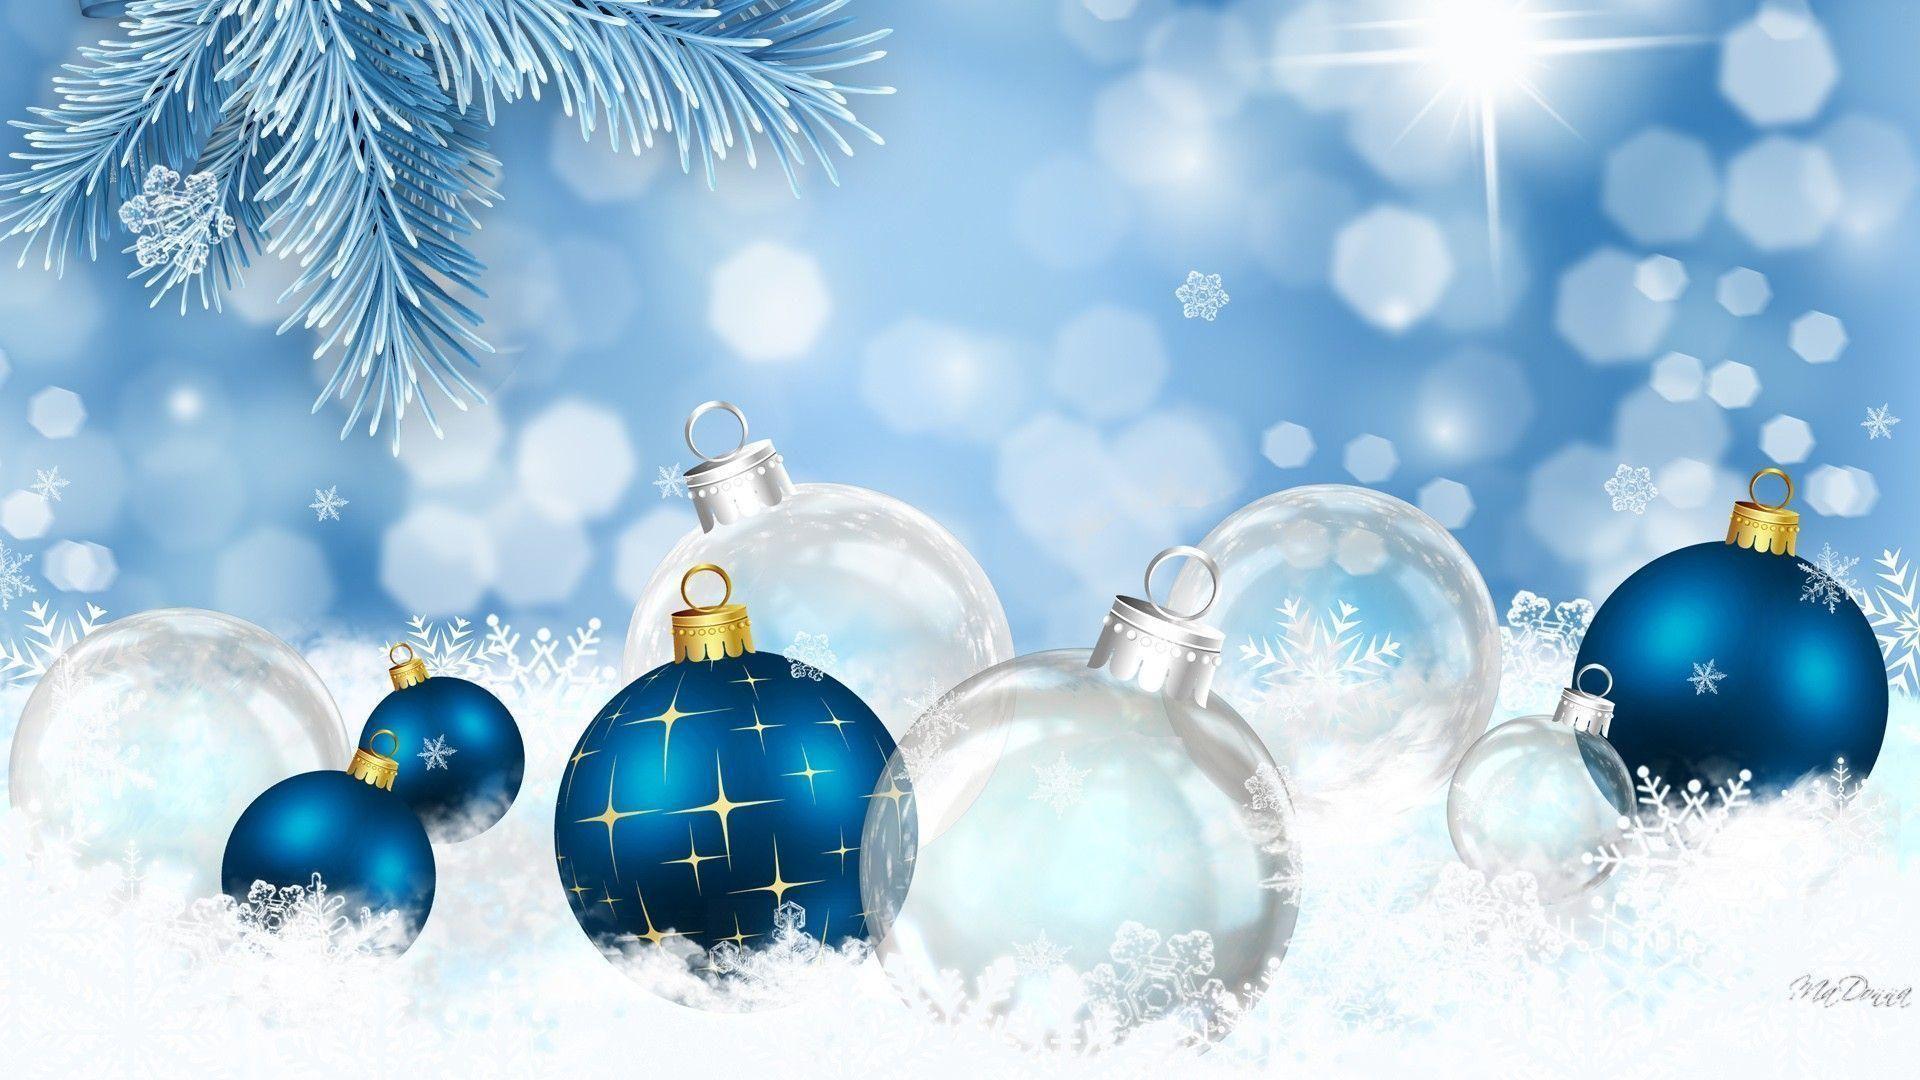 Christmas For Website Wallpaper